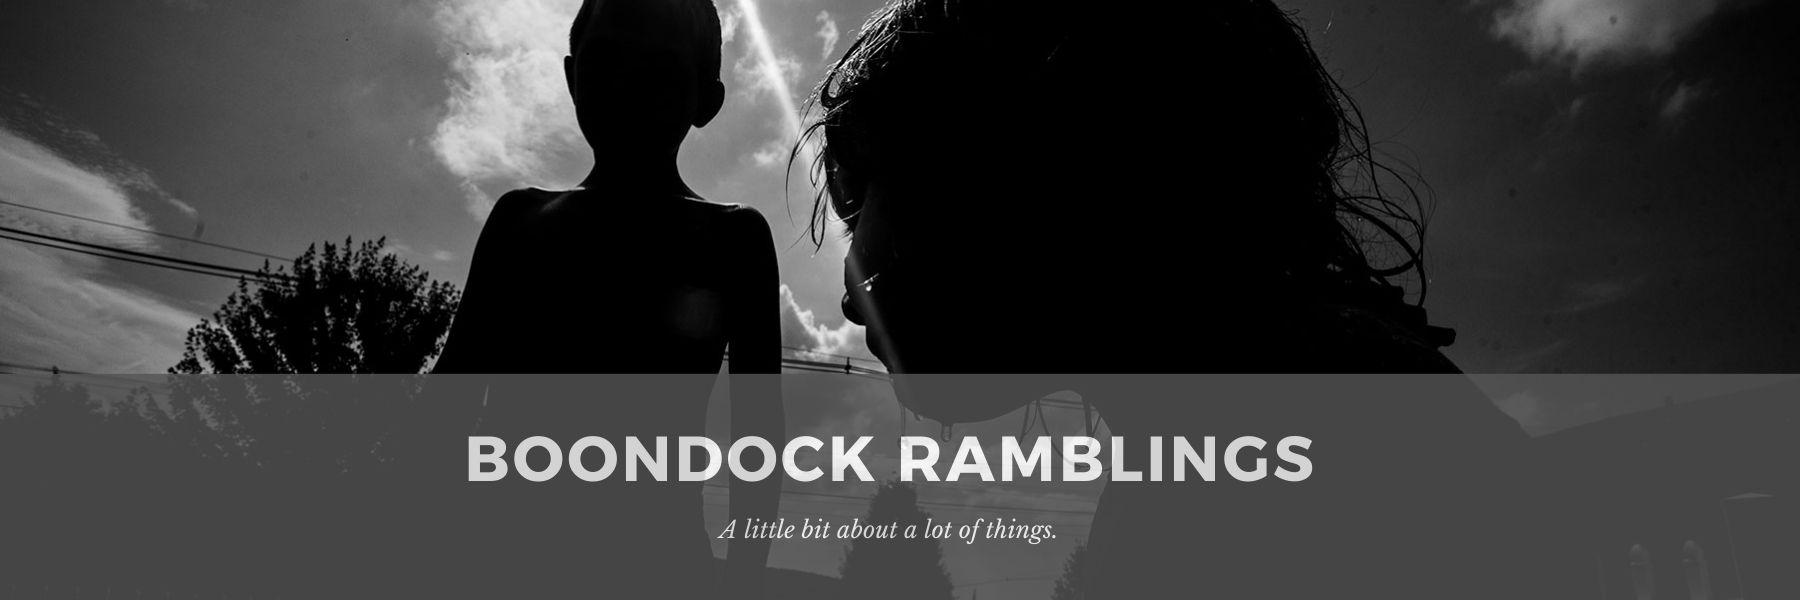 Boondock Ramblings